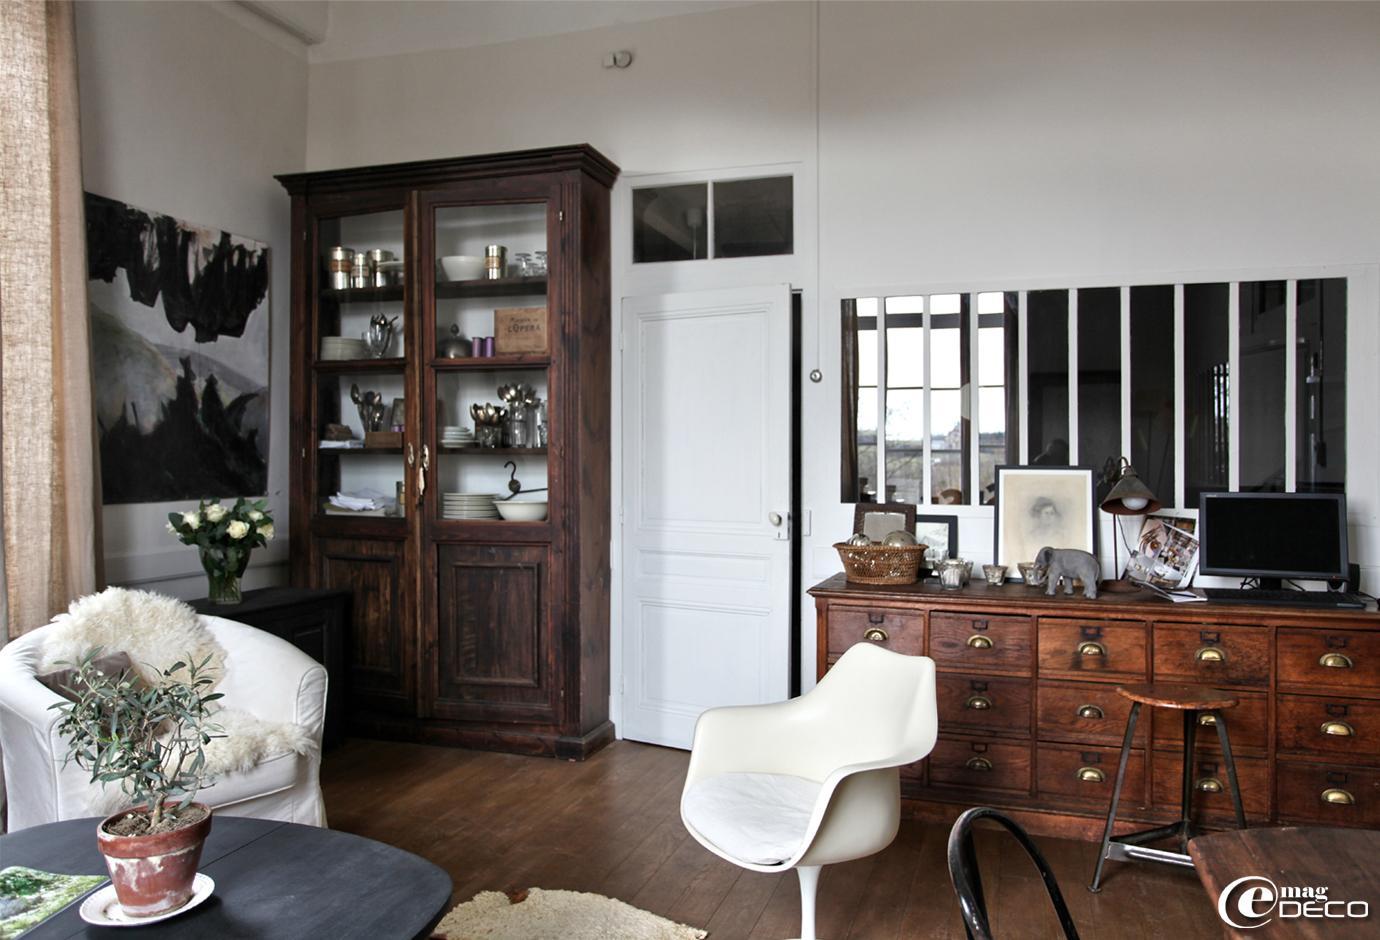 Une ancienne verrière d'atelier perce une cloison. Un meuble à tiroirs de grainetier et un tabouret industriel chinés à Avignon. Un fauteuil Tulipe d'Eero Saarinen chiné à Lyon